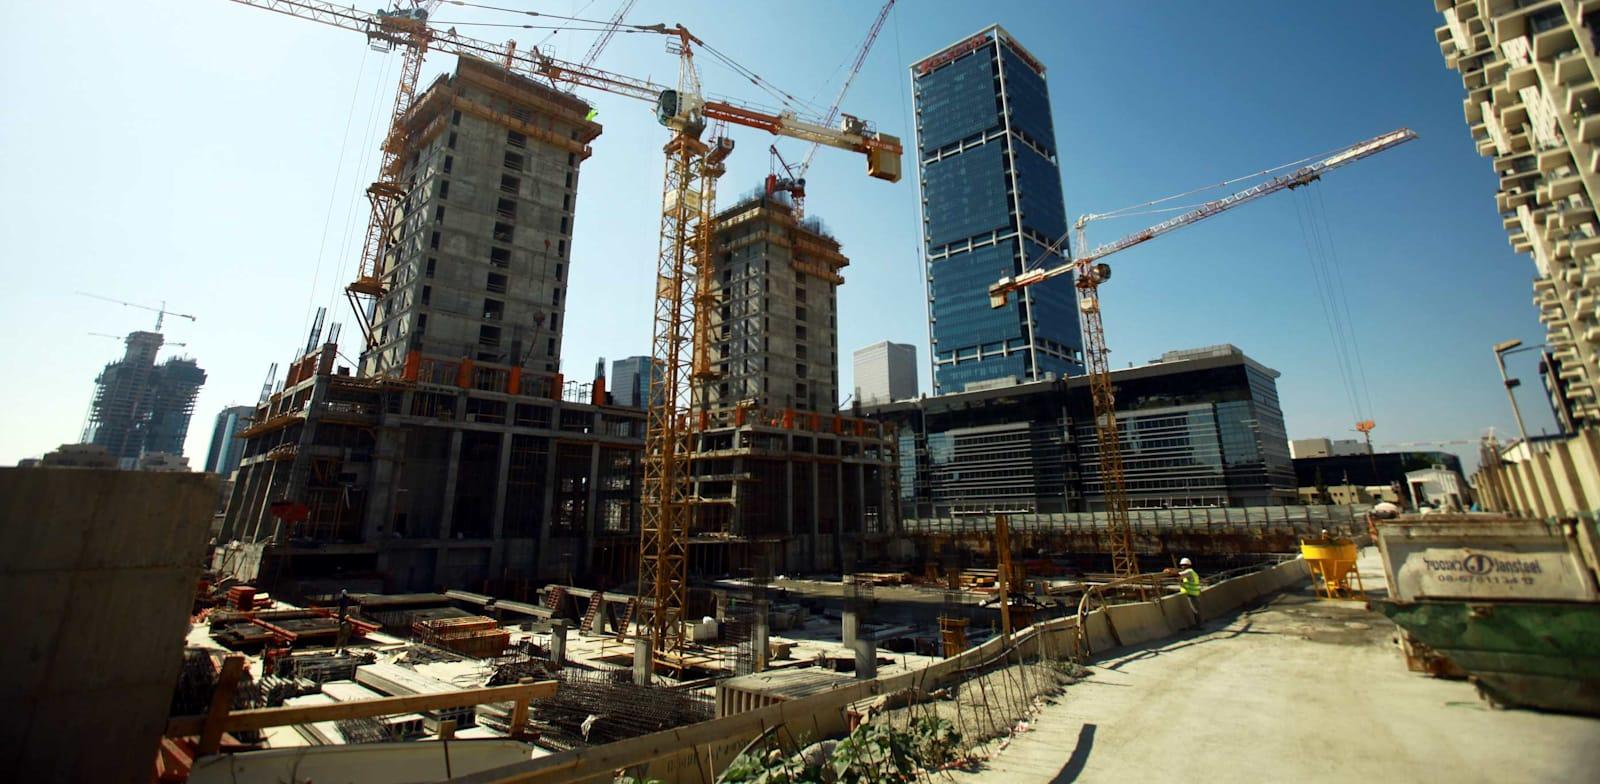 אתר בנייה / צילום: אמיר מאירי